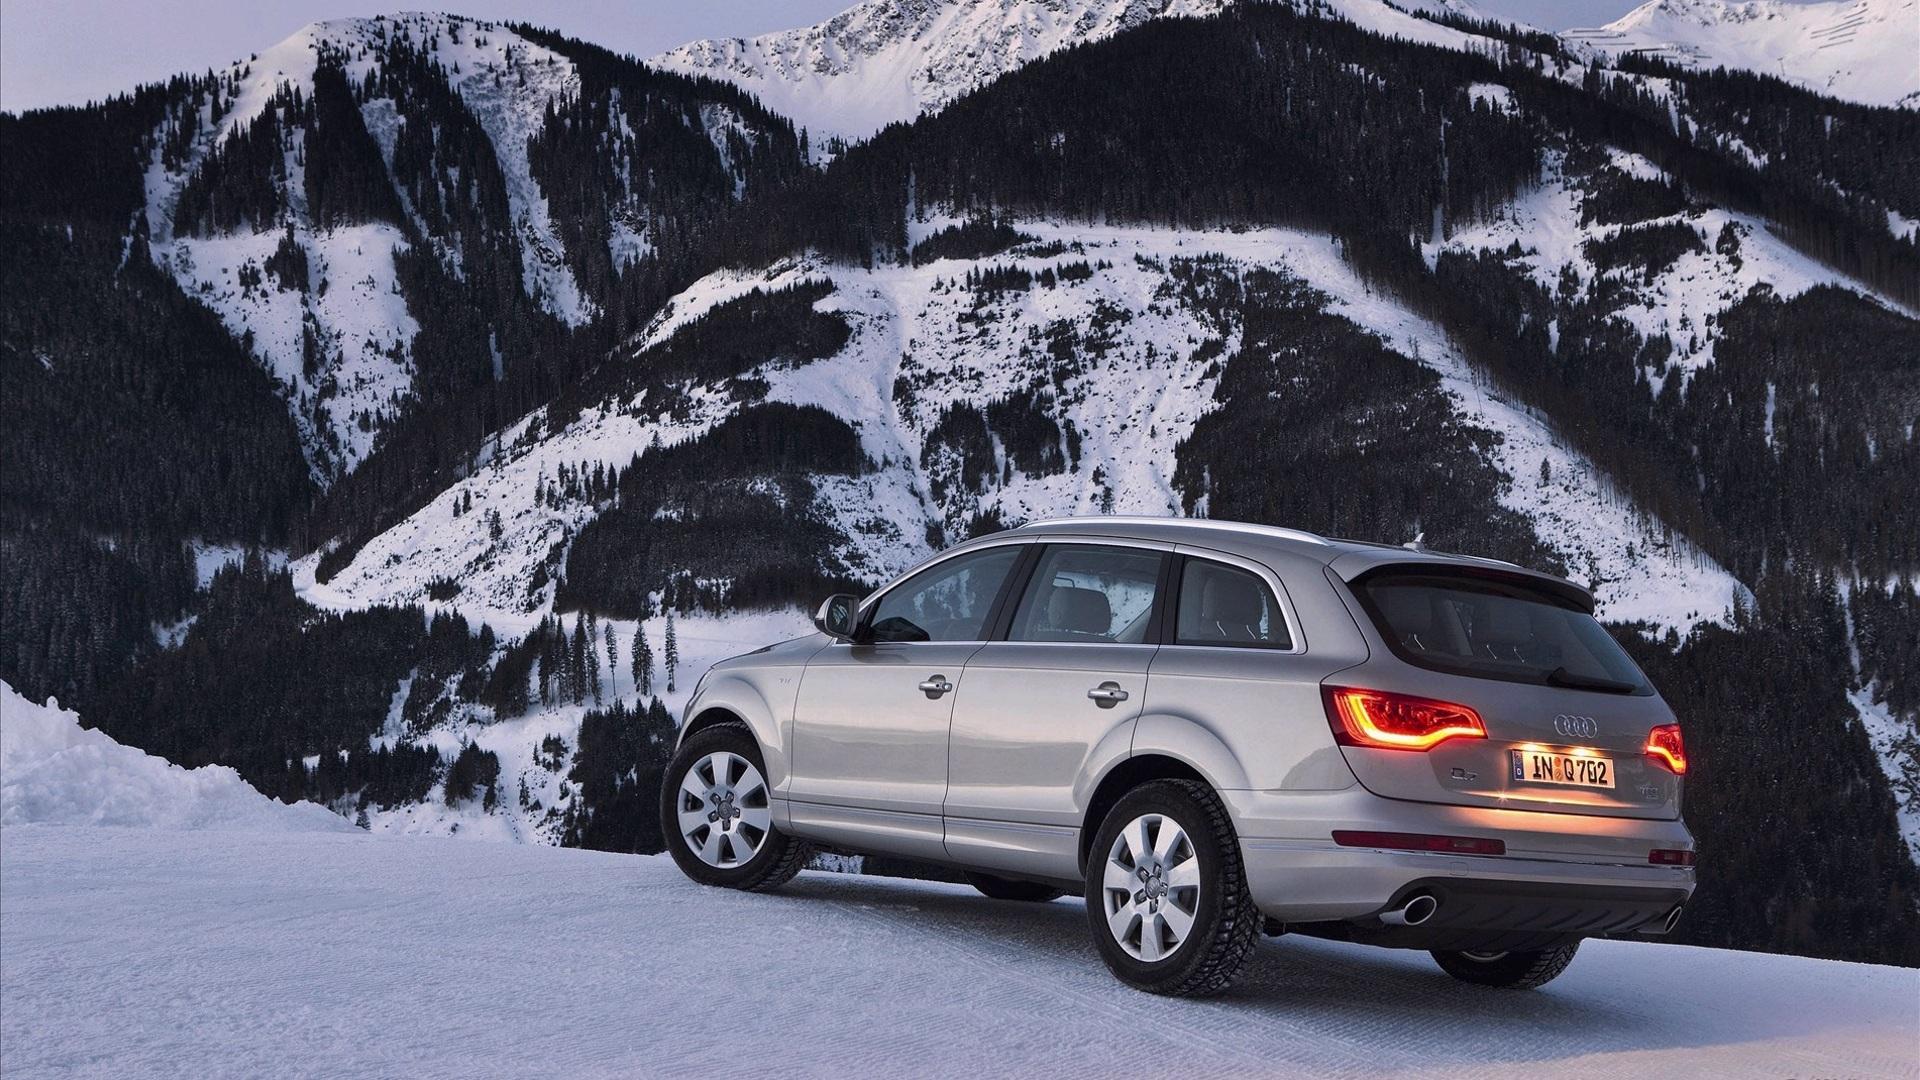 Audi Q7 в пустыне бесплатно